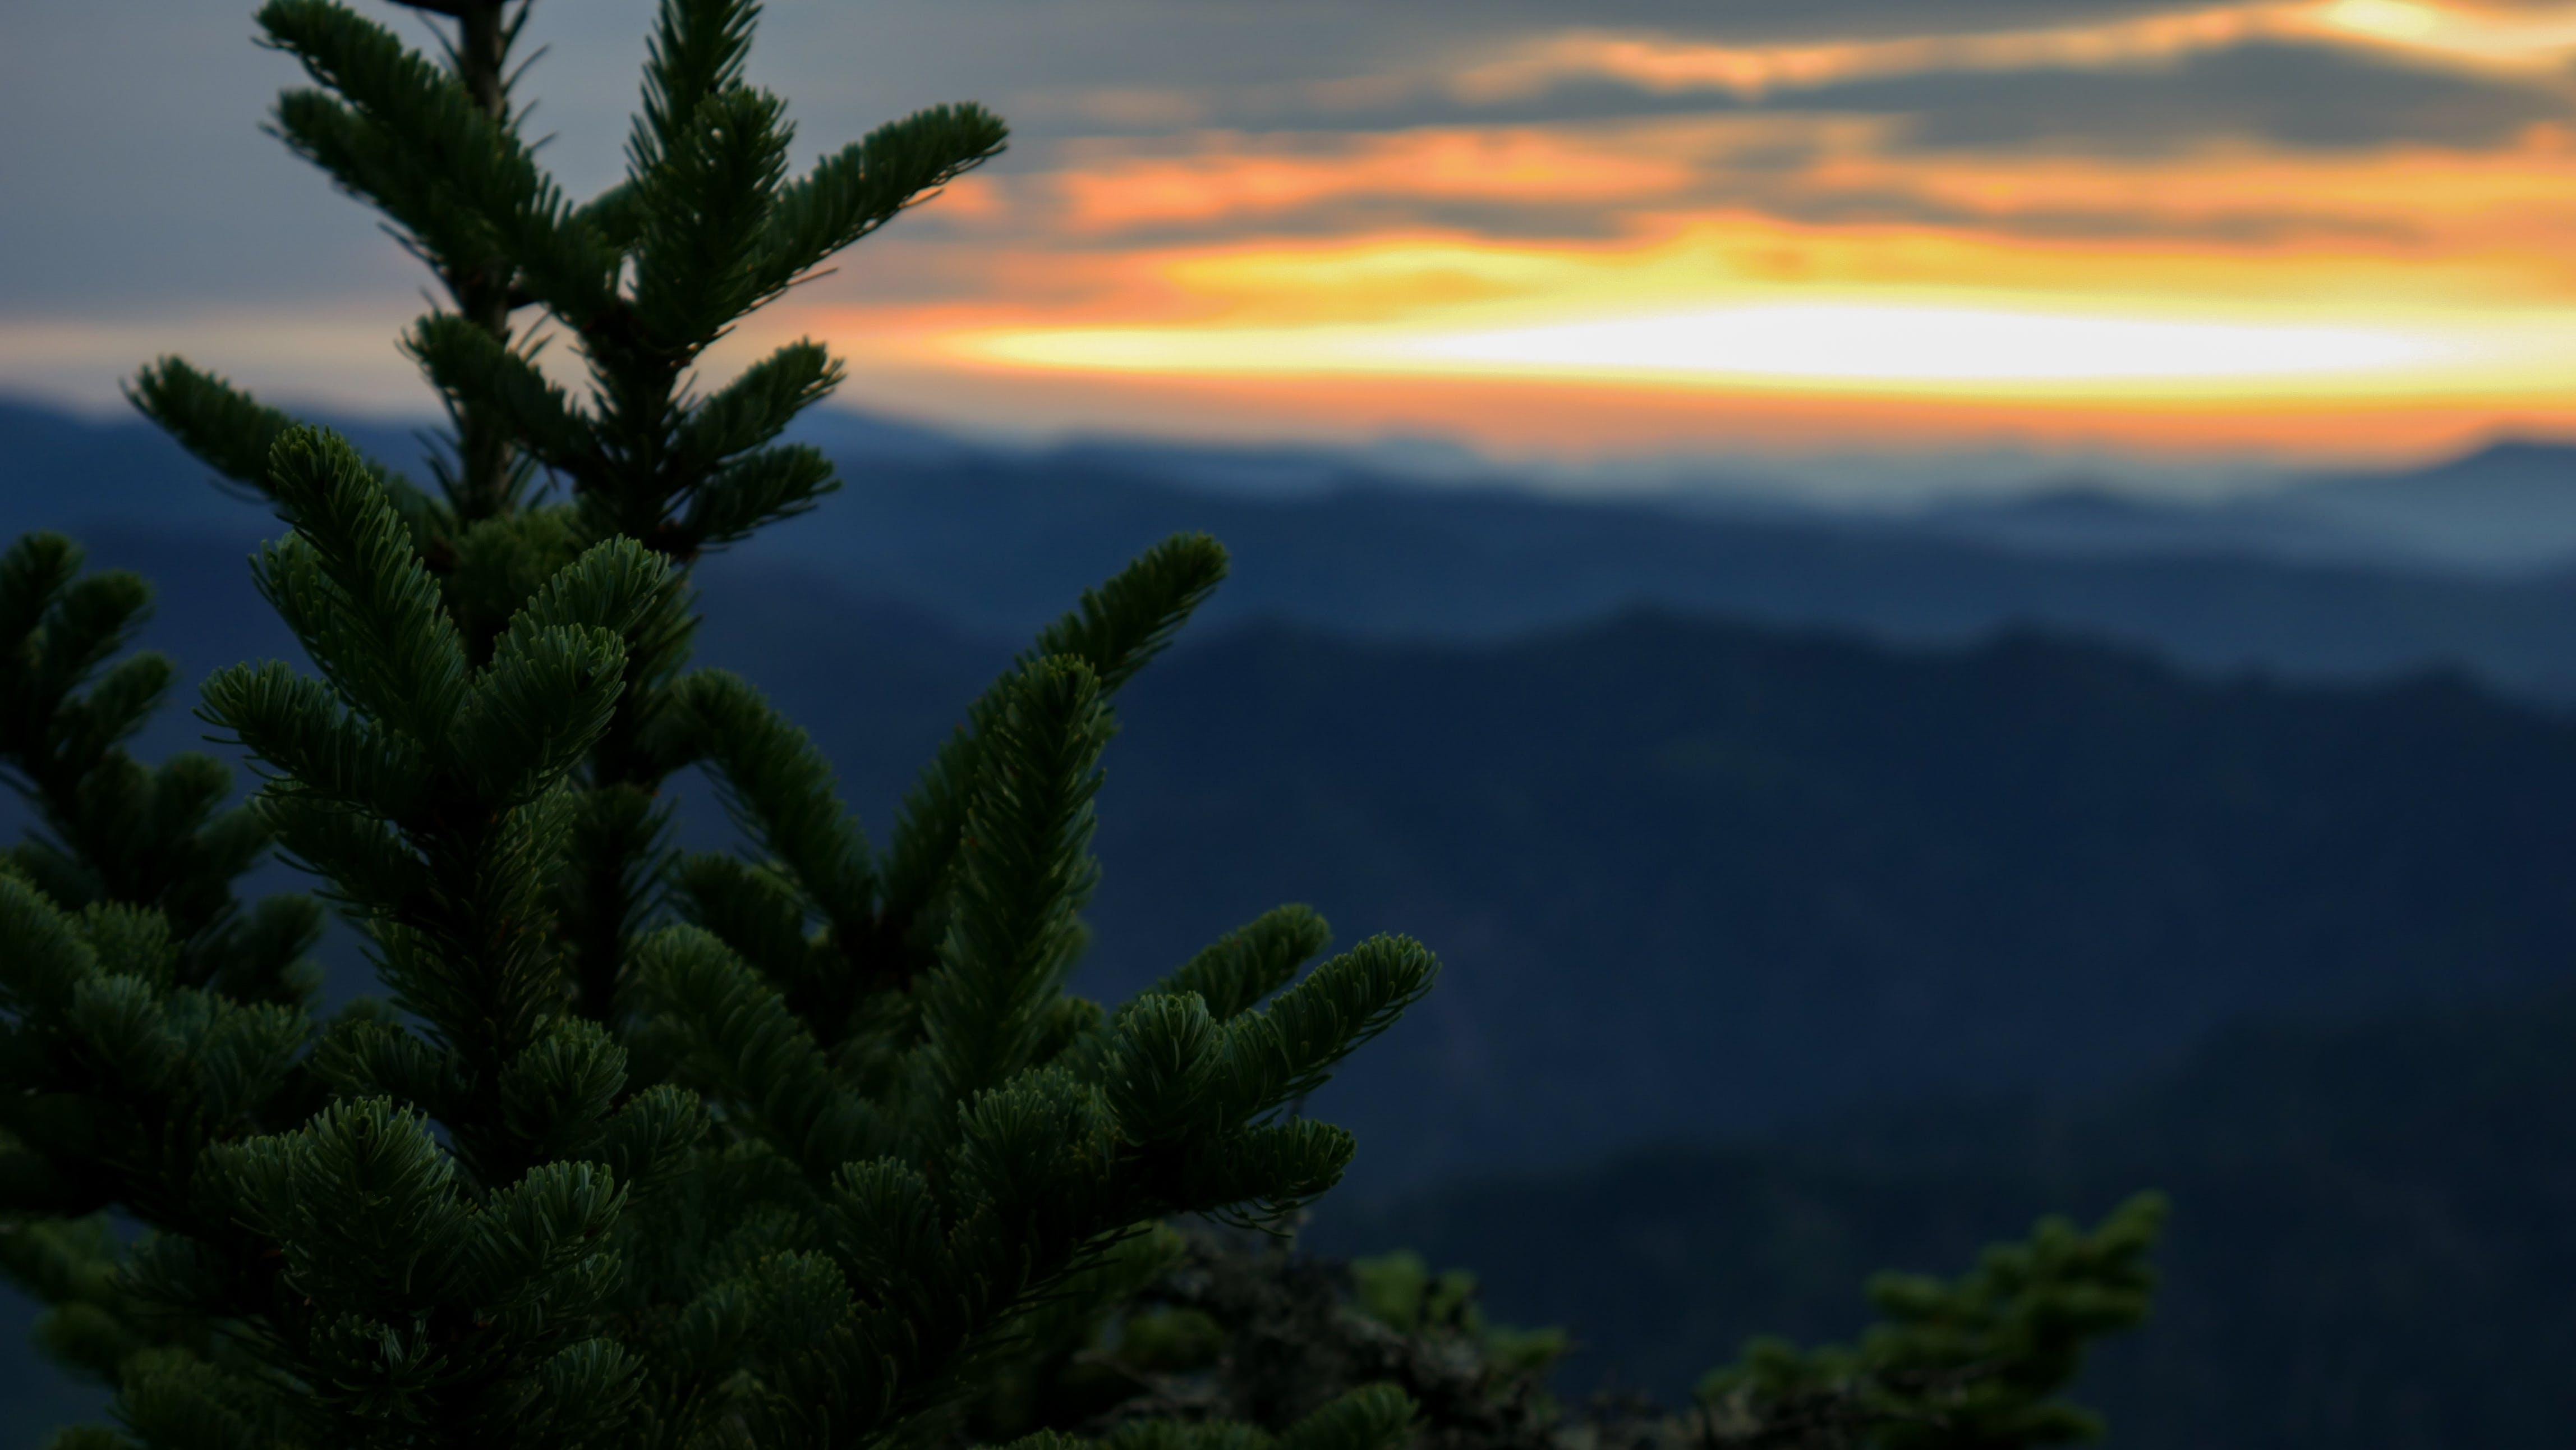 aften, bjerge, fyrretræ